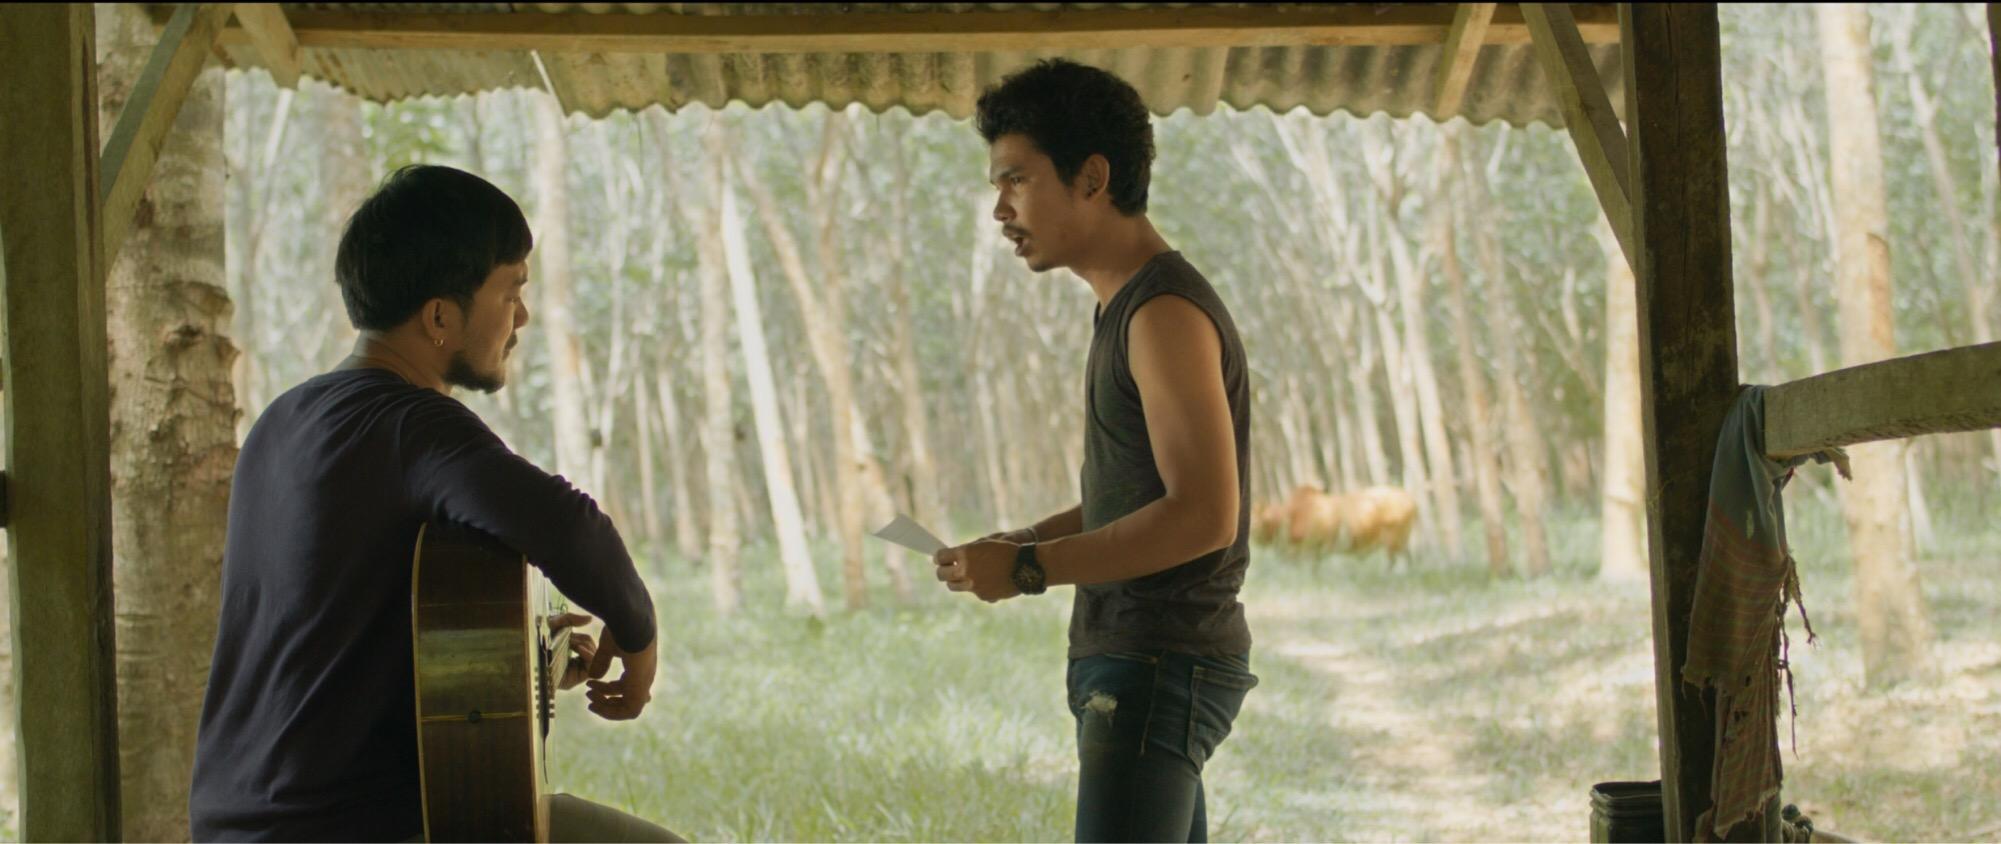 """""""มหาลัยวัวชน"""" ผลงานใหม่ของผู้กำกับ """"ธุดงควัตร""""หนังสำหรับคนบ้านๆ ทั้งประเทศ พร้อมฉาย 30 มีนาคมนี้"""